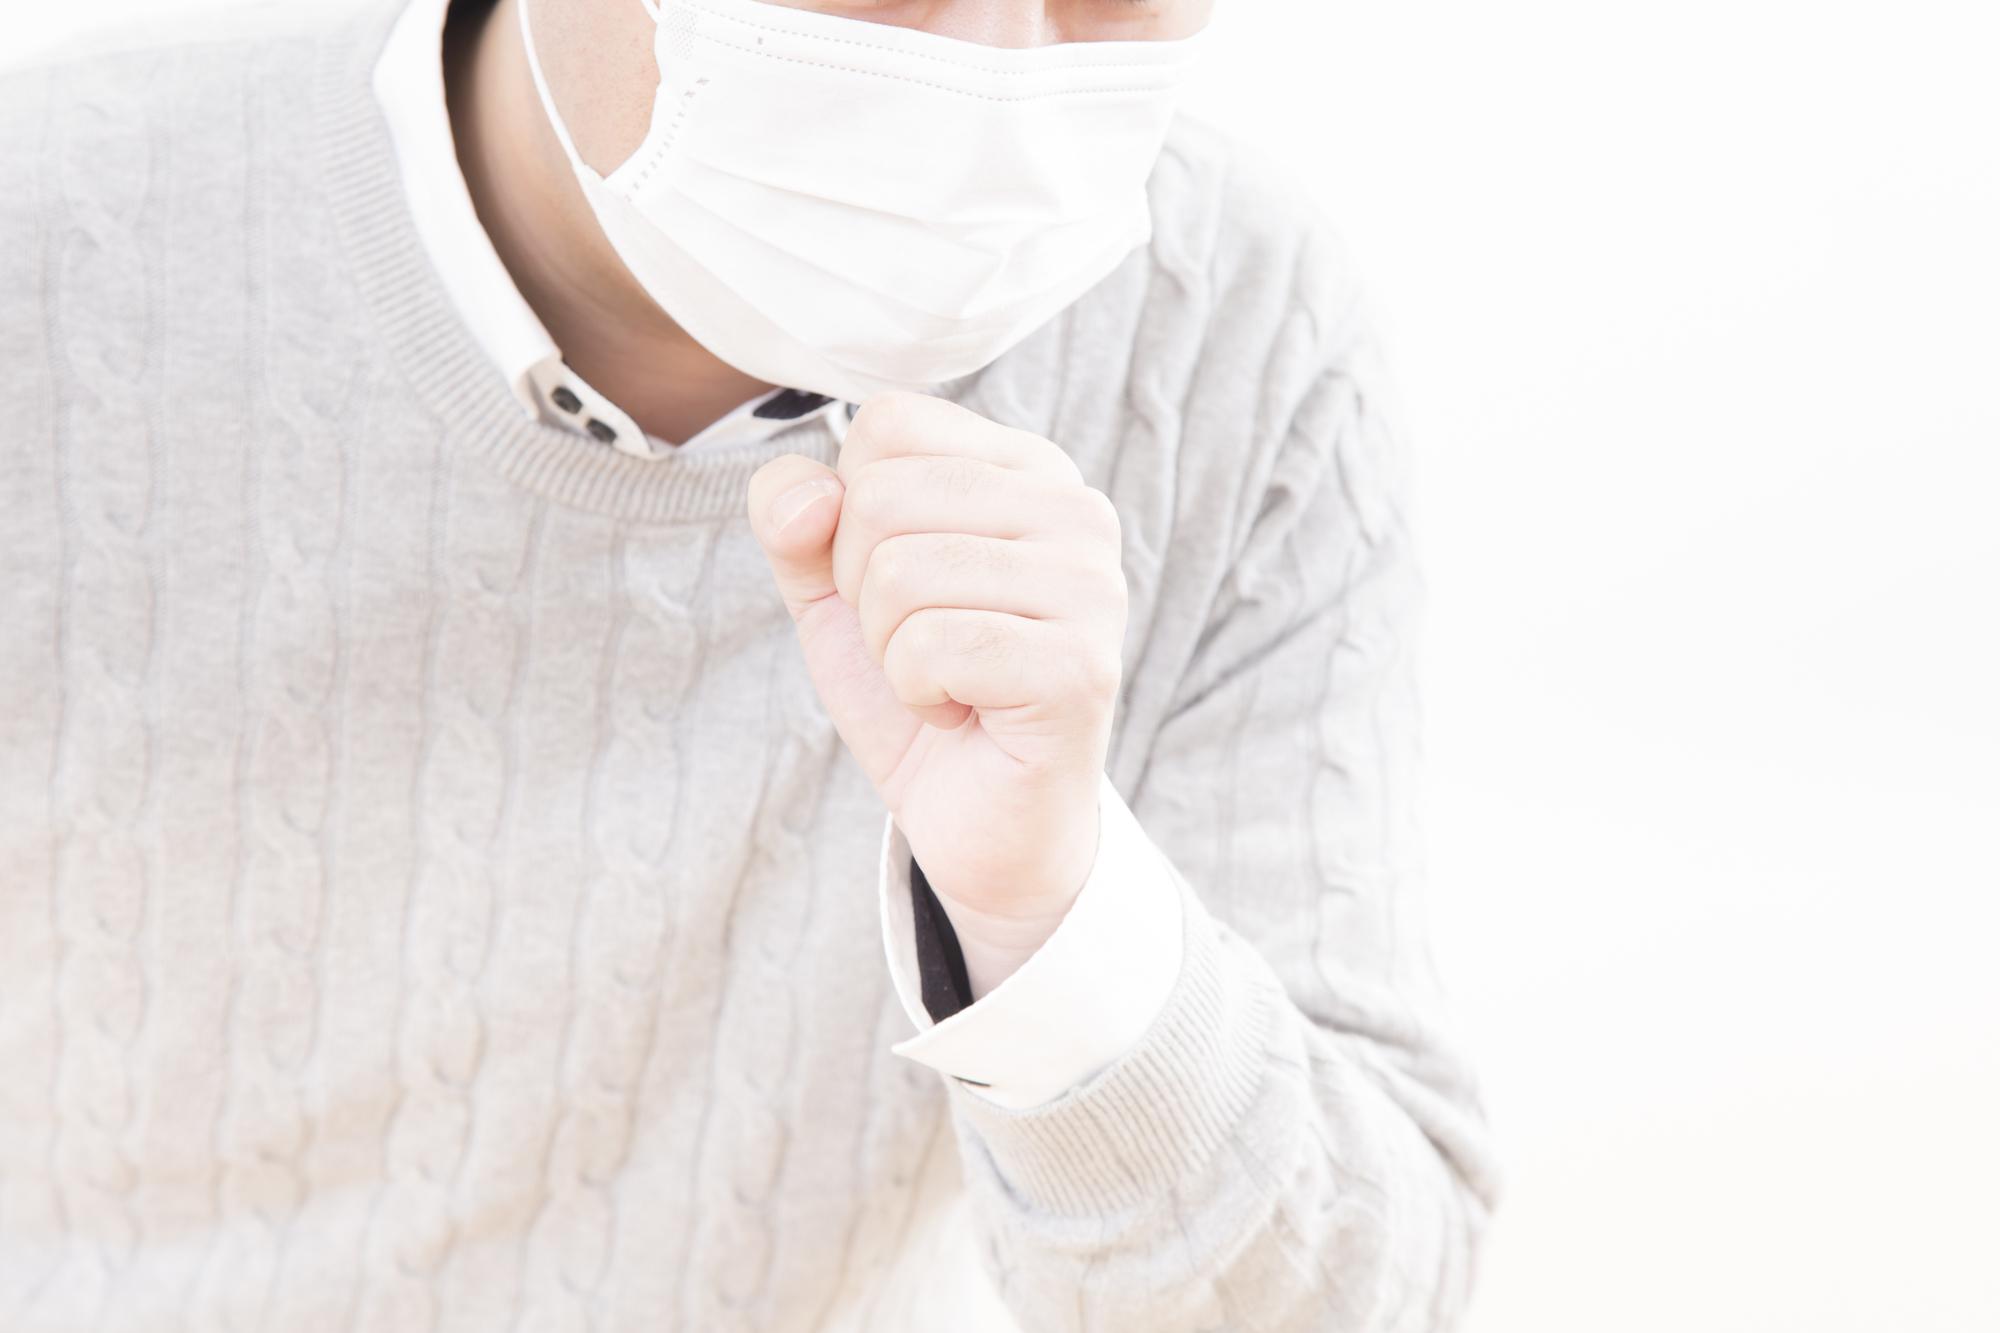 医師が行う体調管理! 風邪のひきはじめに行う「意外な運動」は?